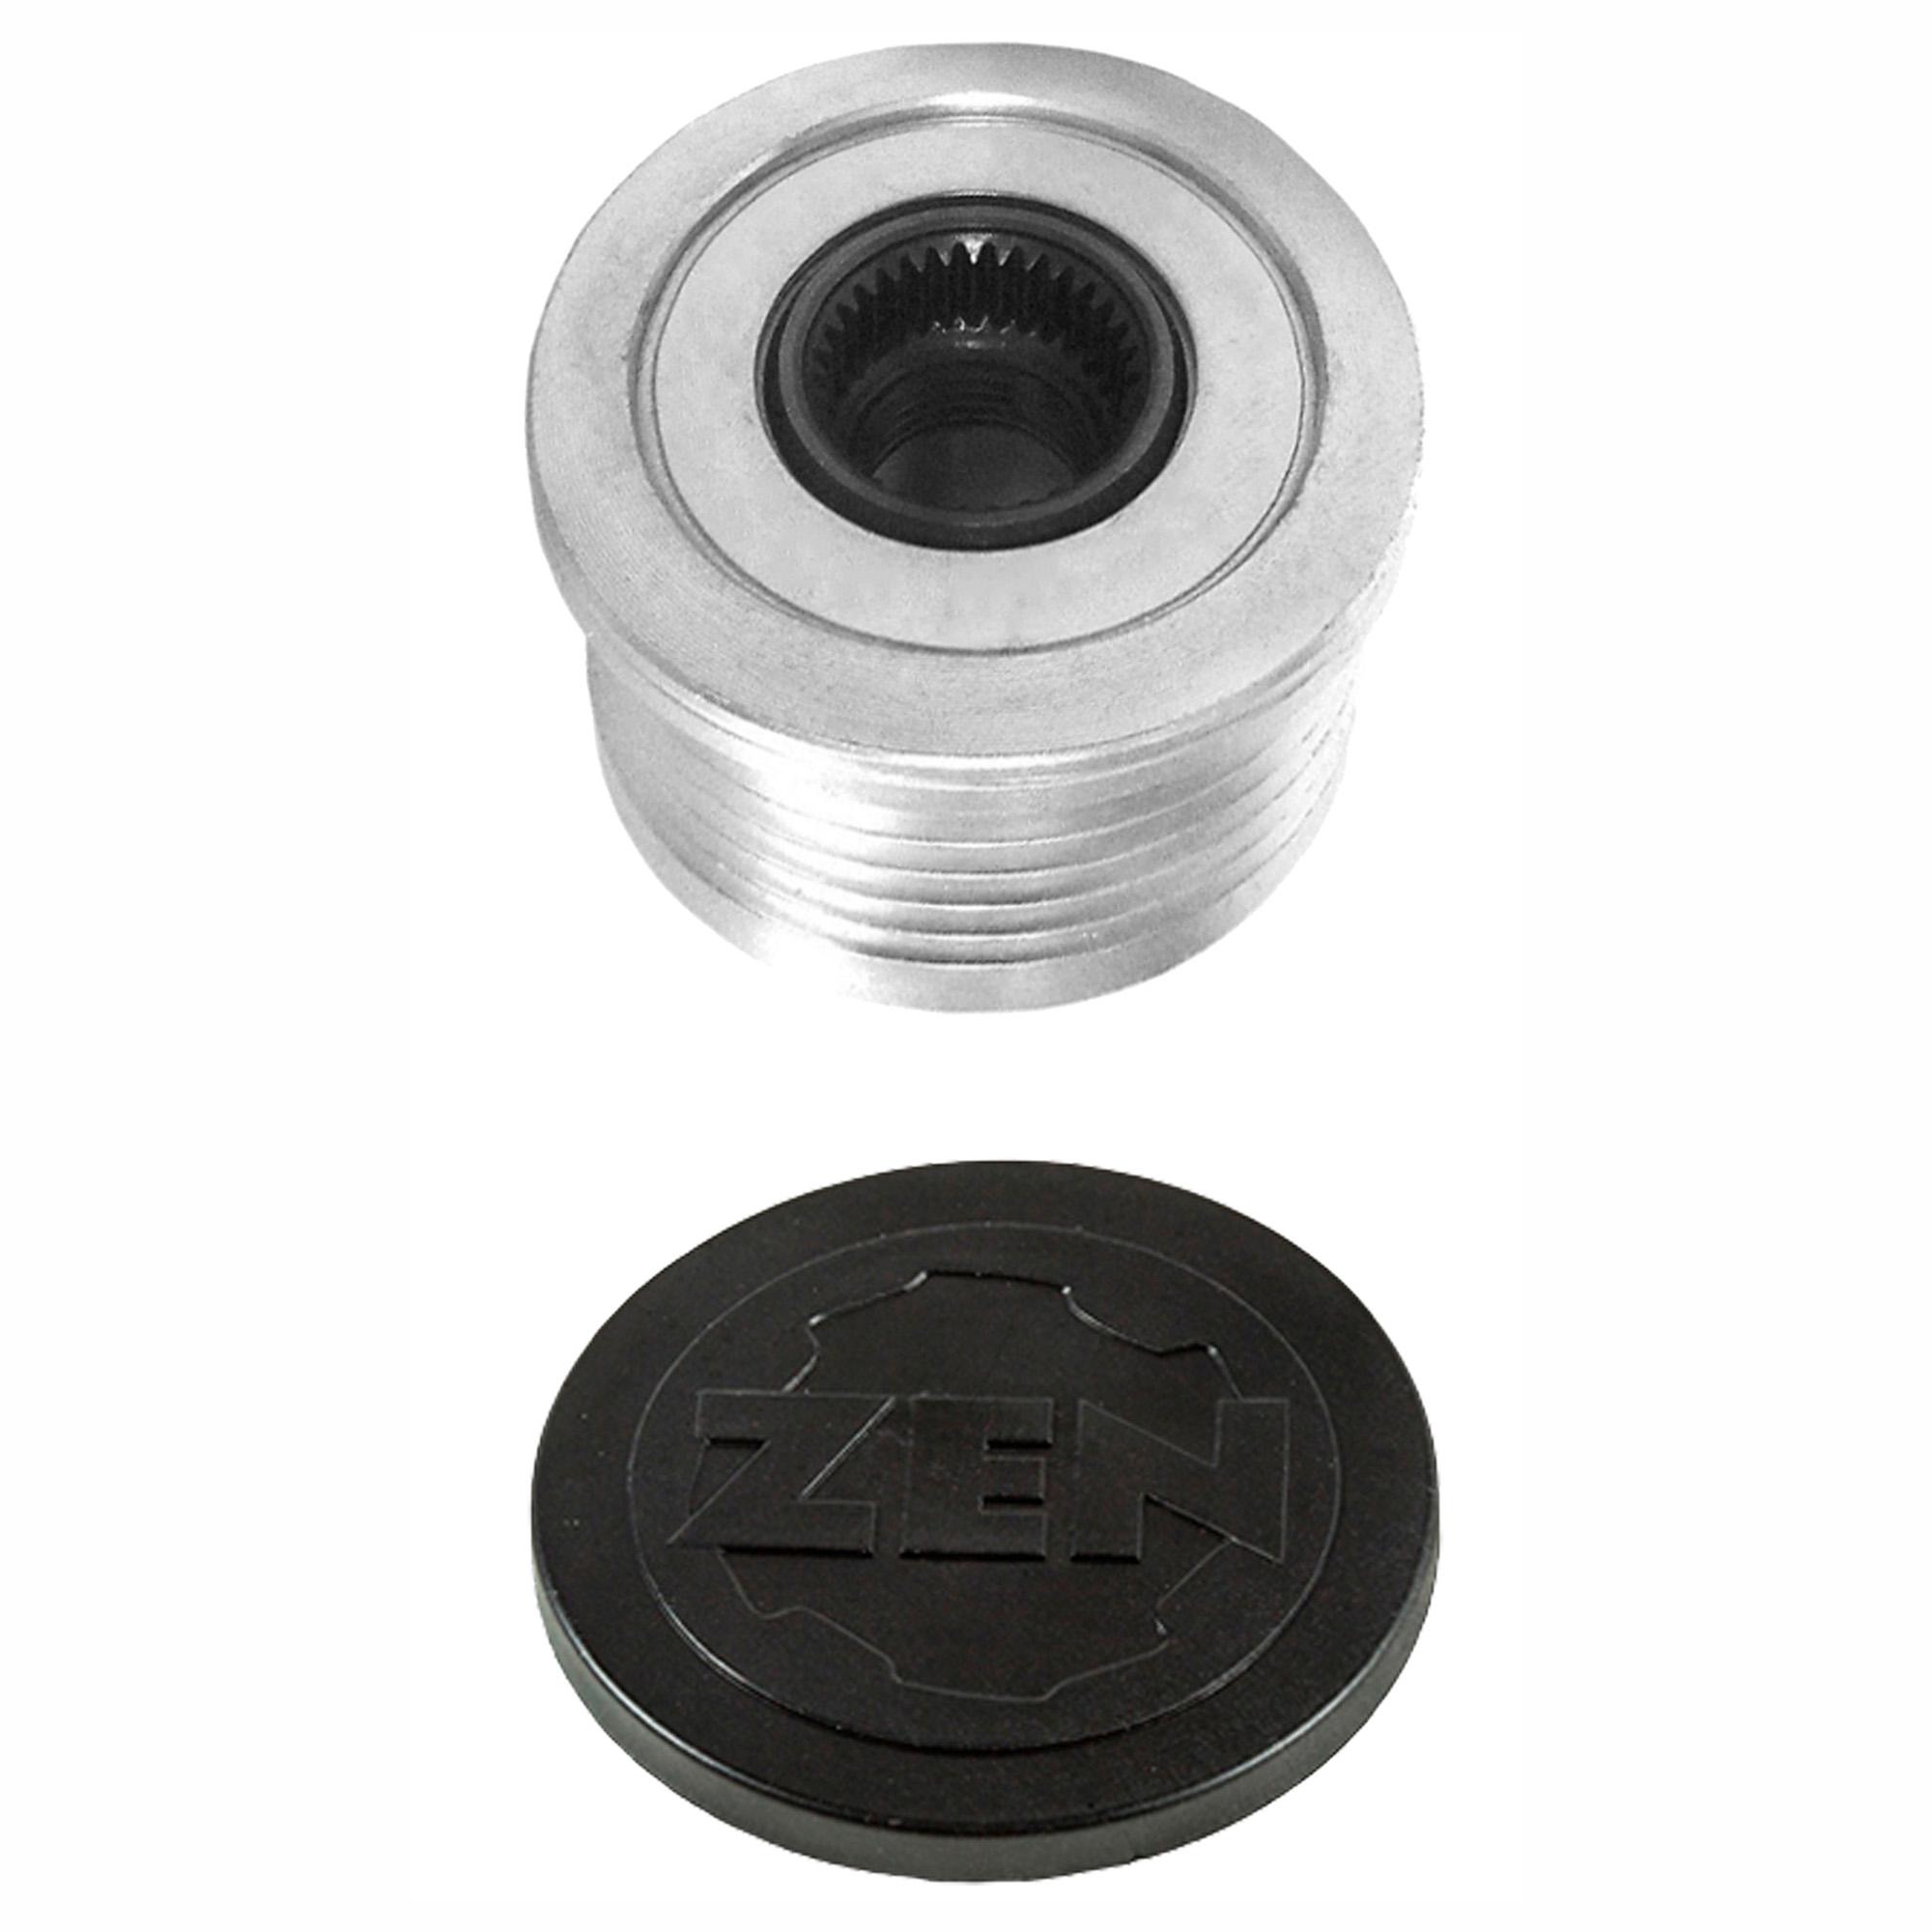 Polia Alternador Roda Livre GOLF - Sistema BOSCH (ZEN5523)